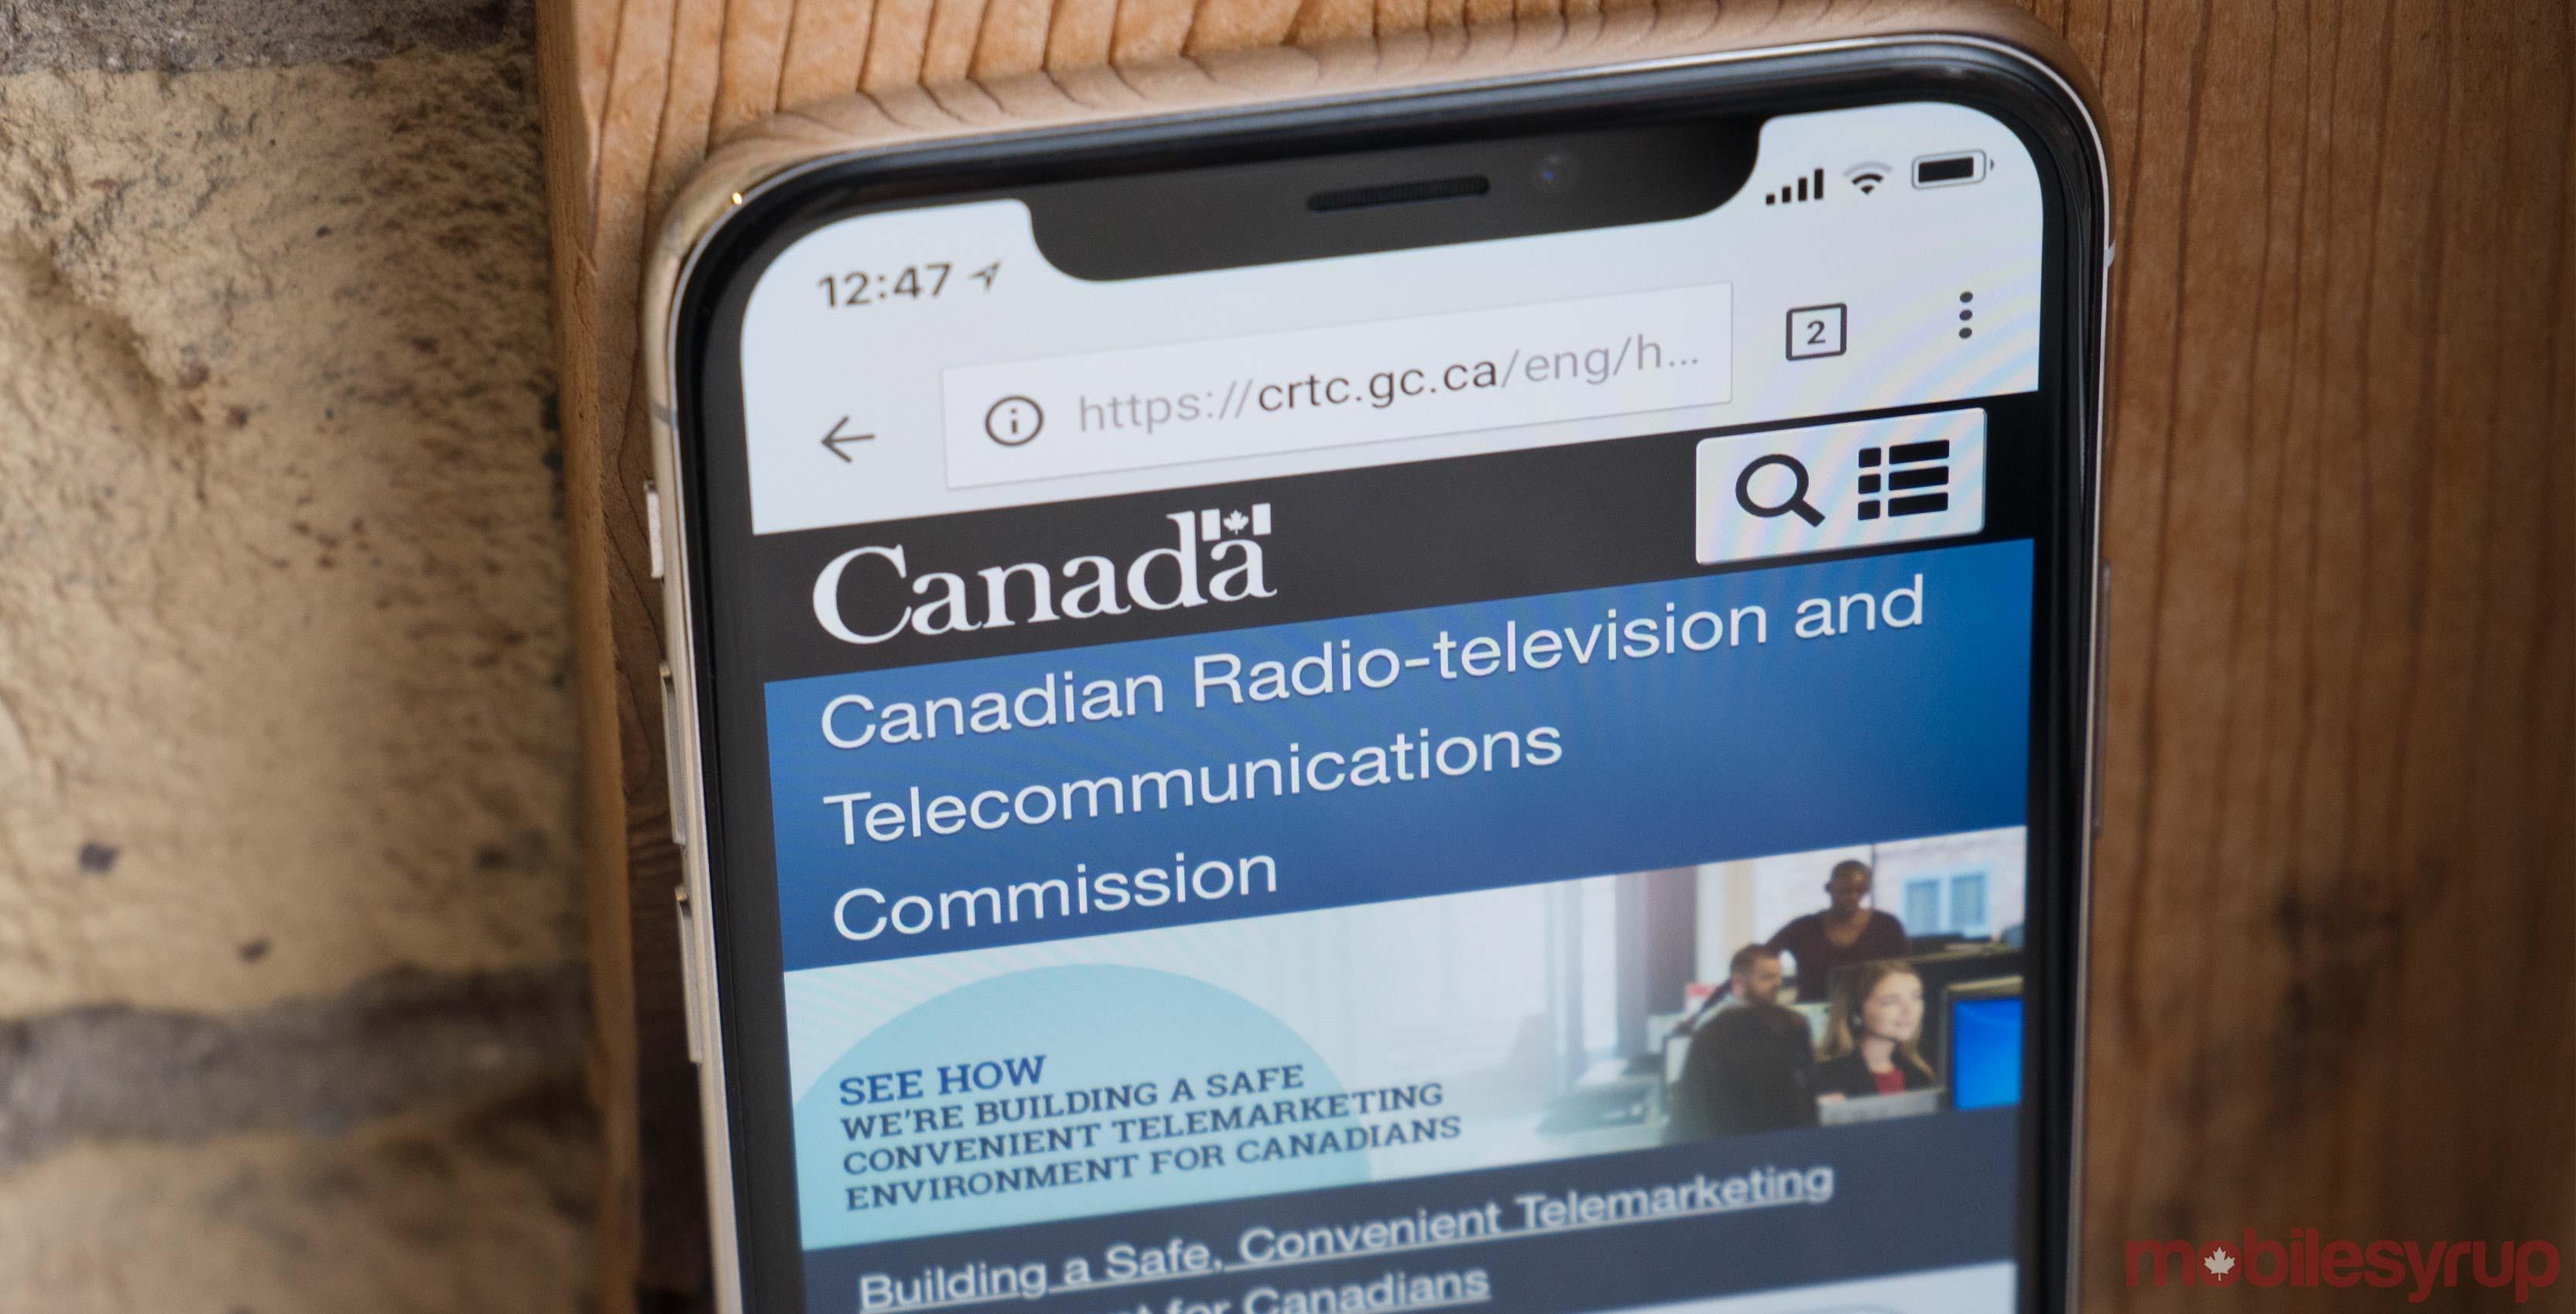 CRTC on phone